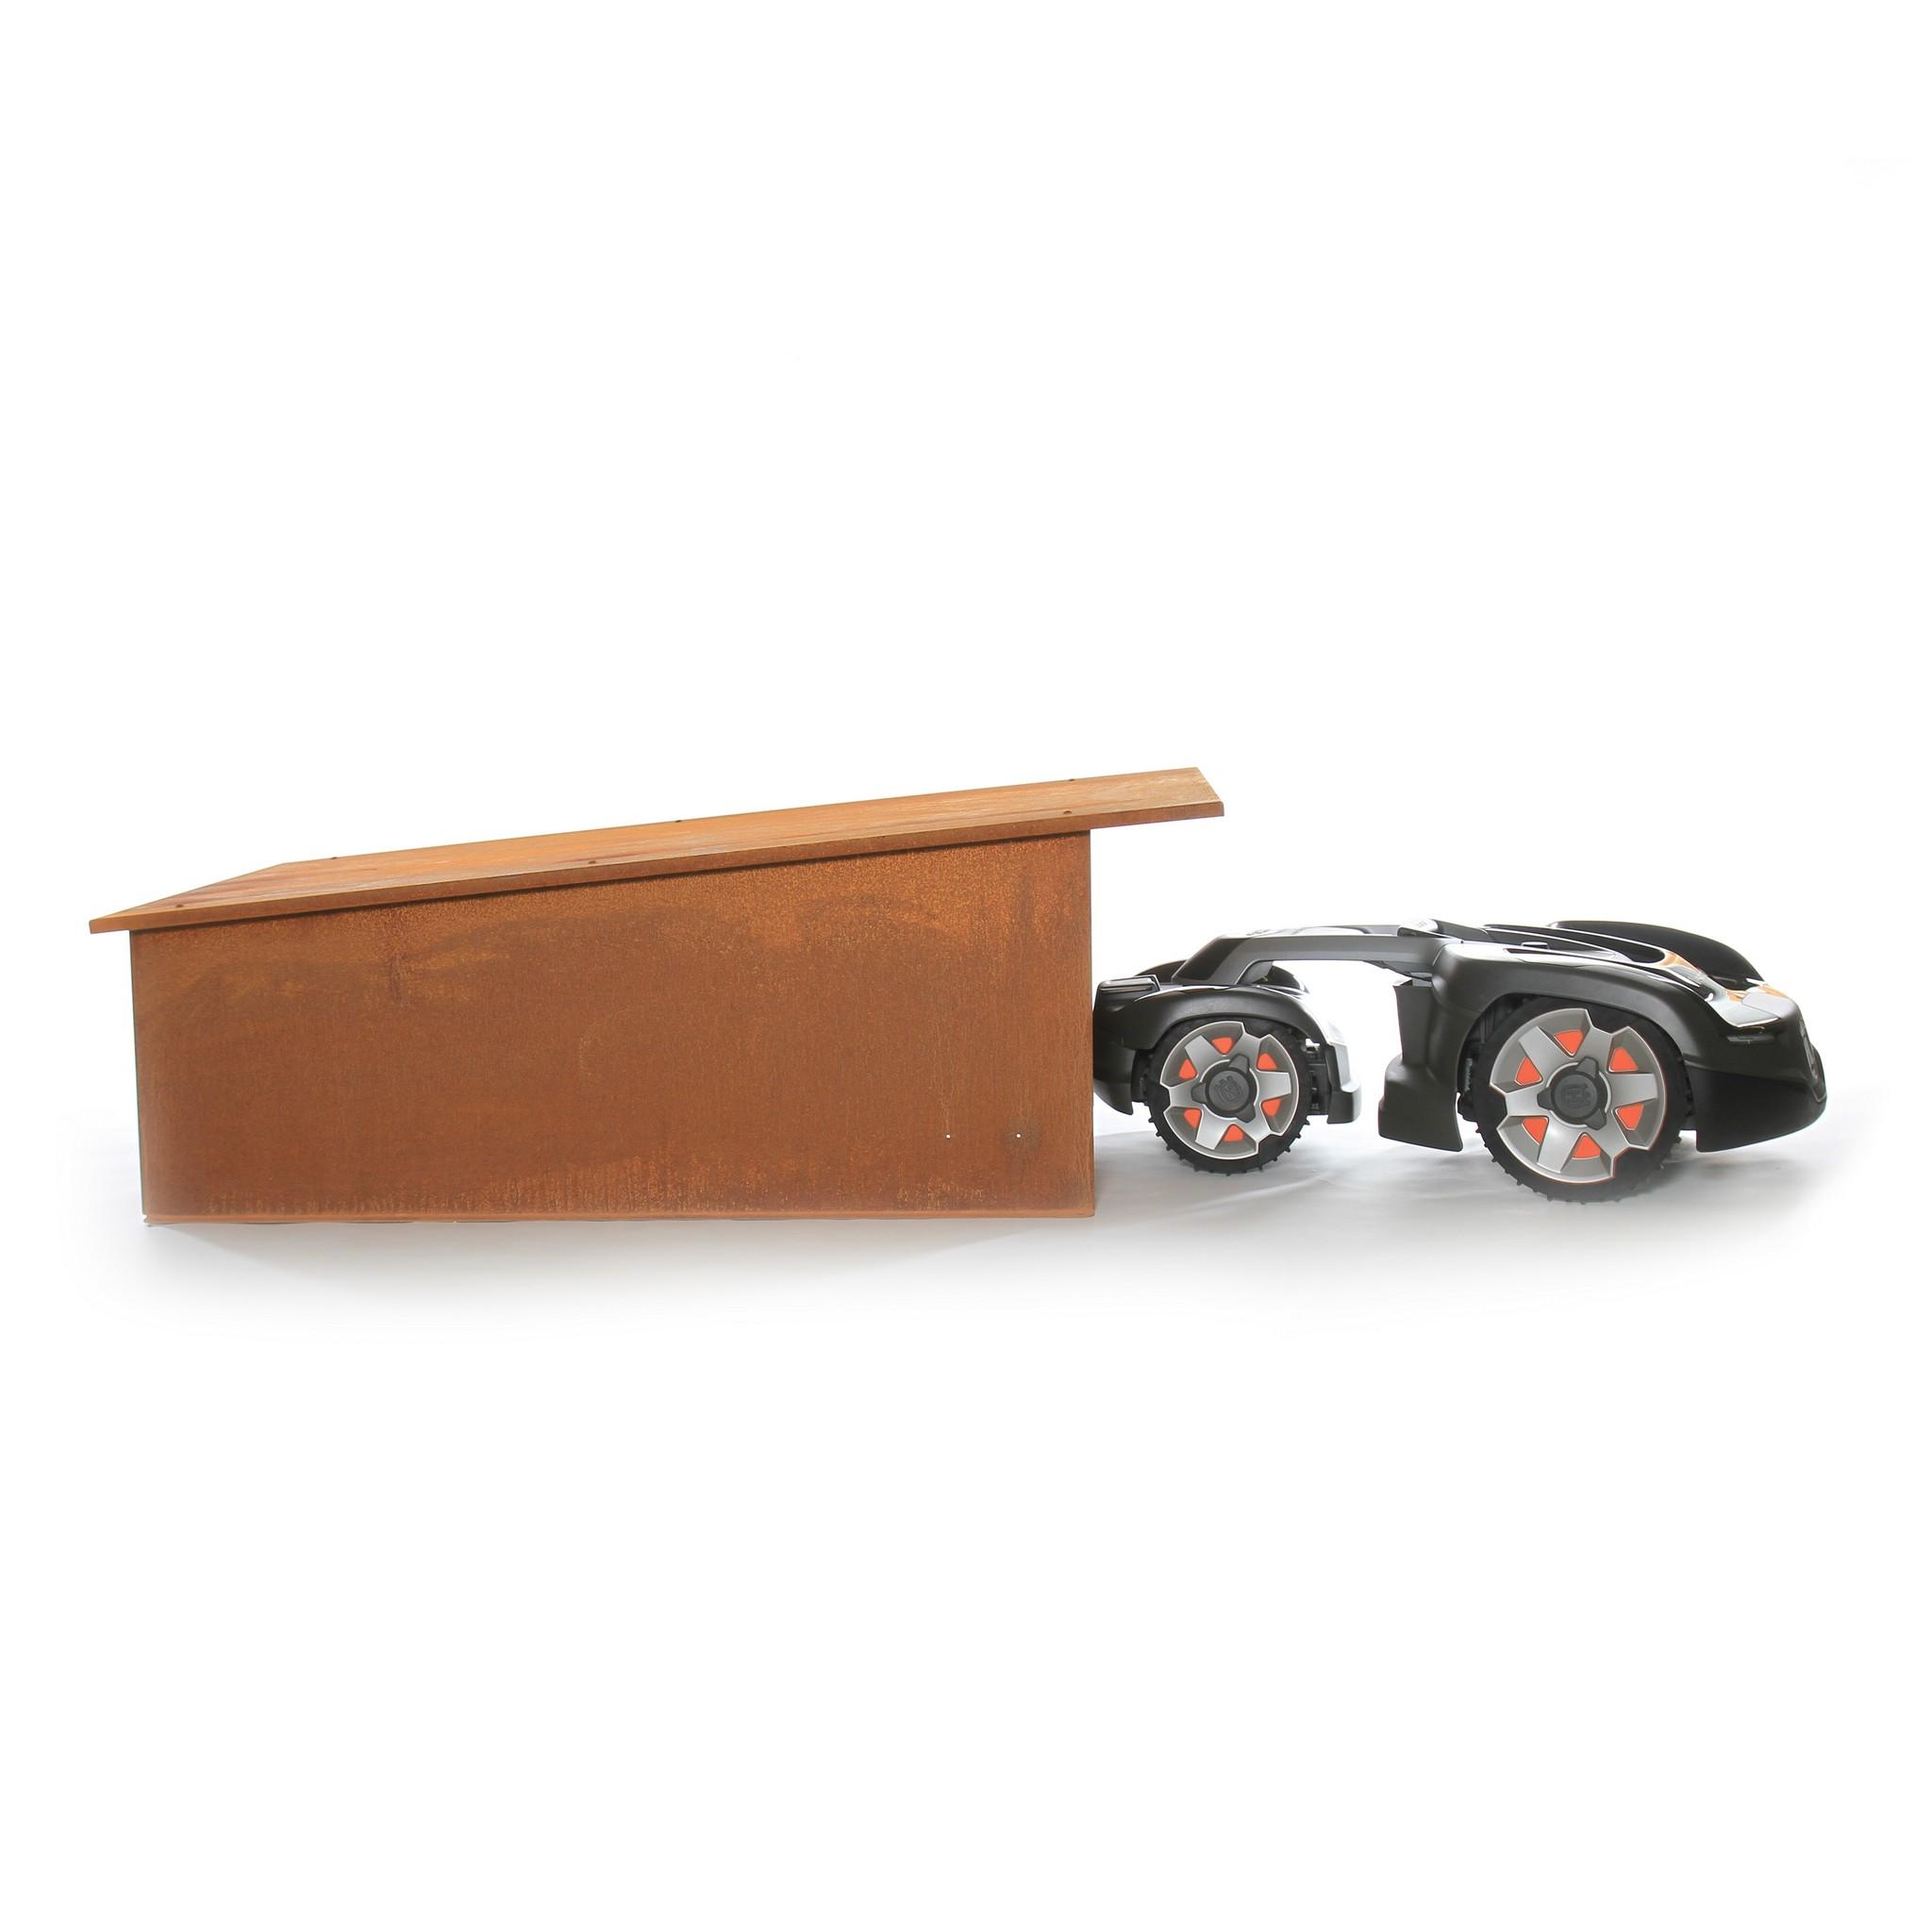 Robotmaaier garage model Luifel XL